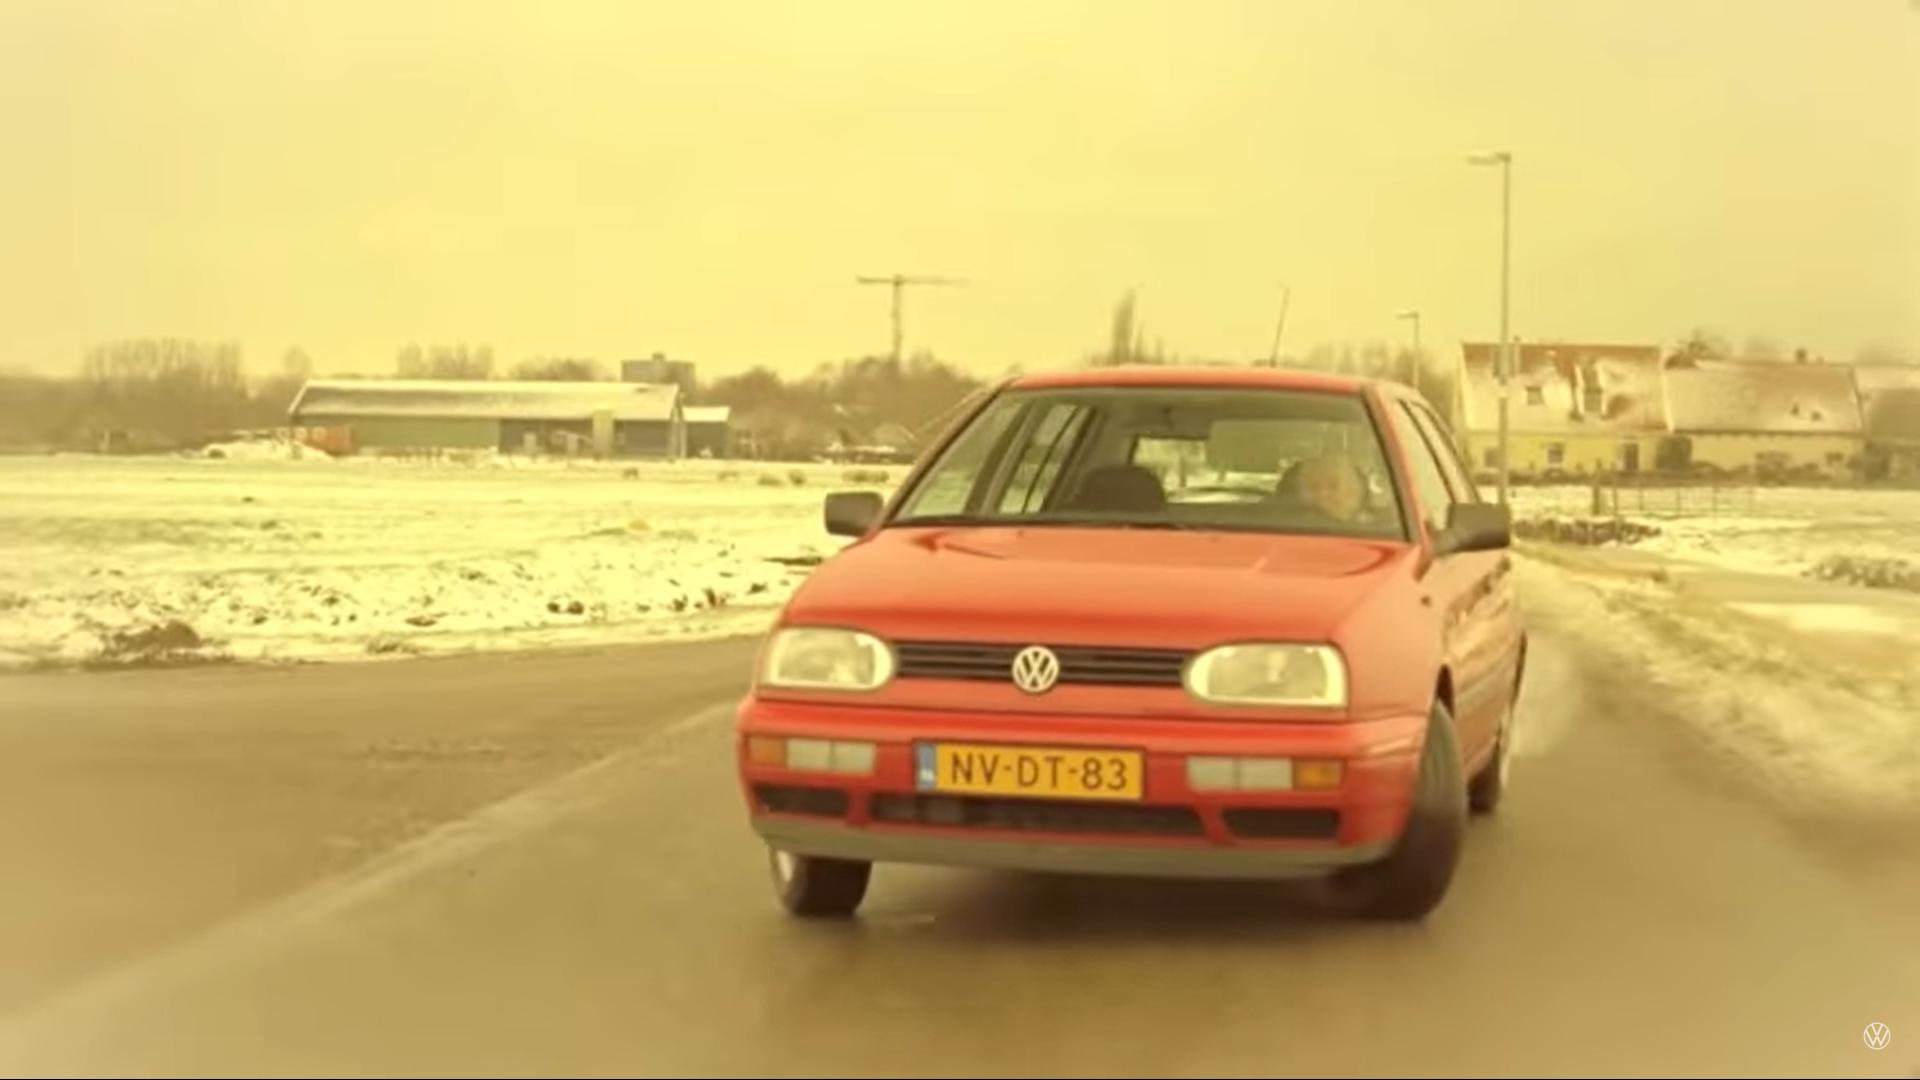 Volkswagen en het oude vrouwtje reclame drift